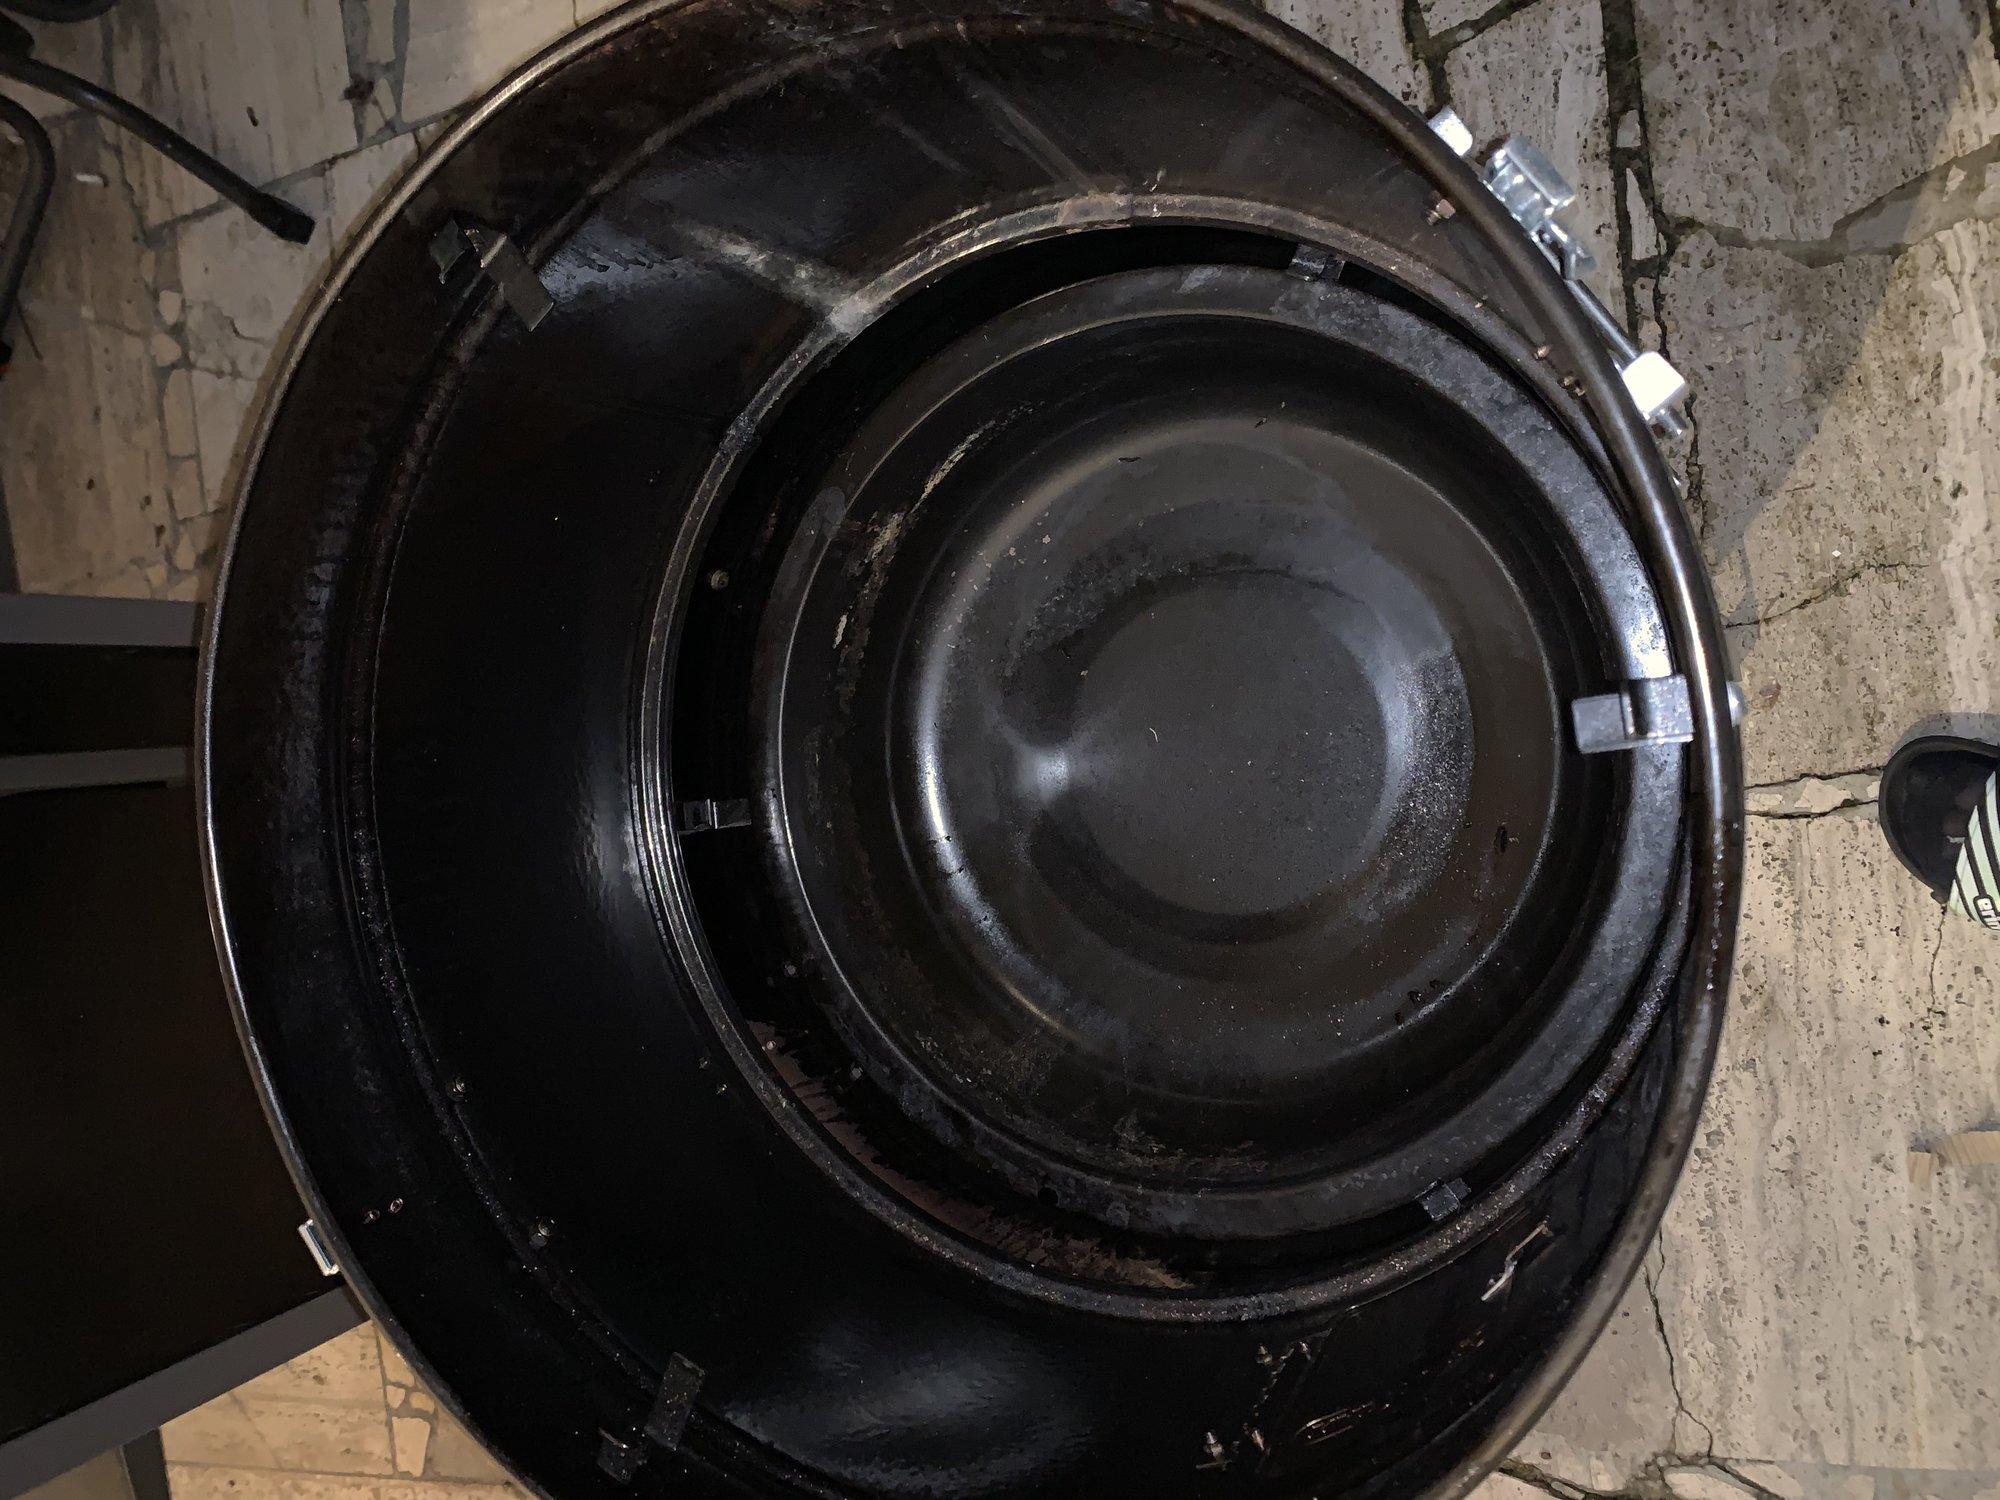 D7F507D0-5124-46AF-9C1E-0E8291E943D8.jpeg